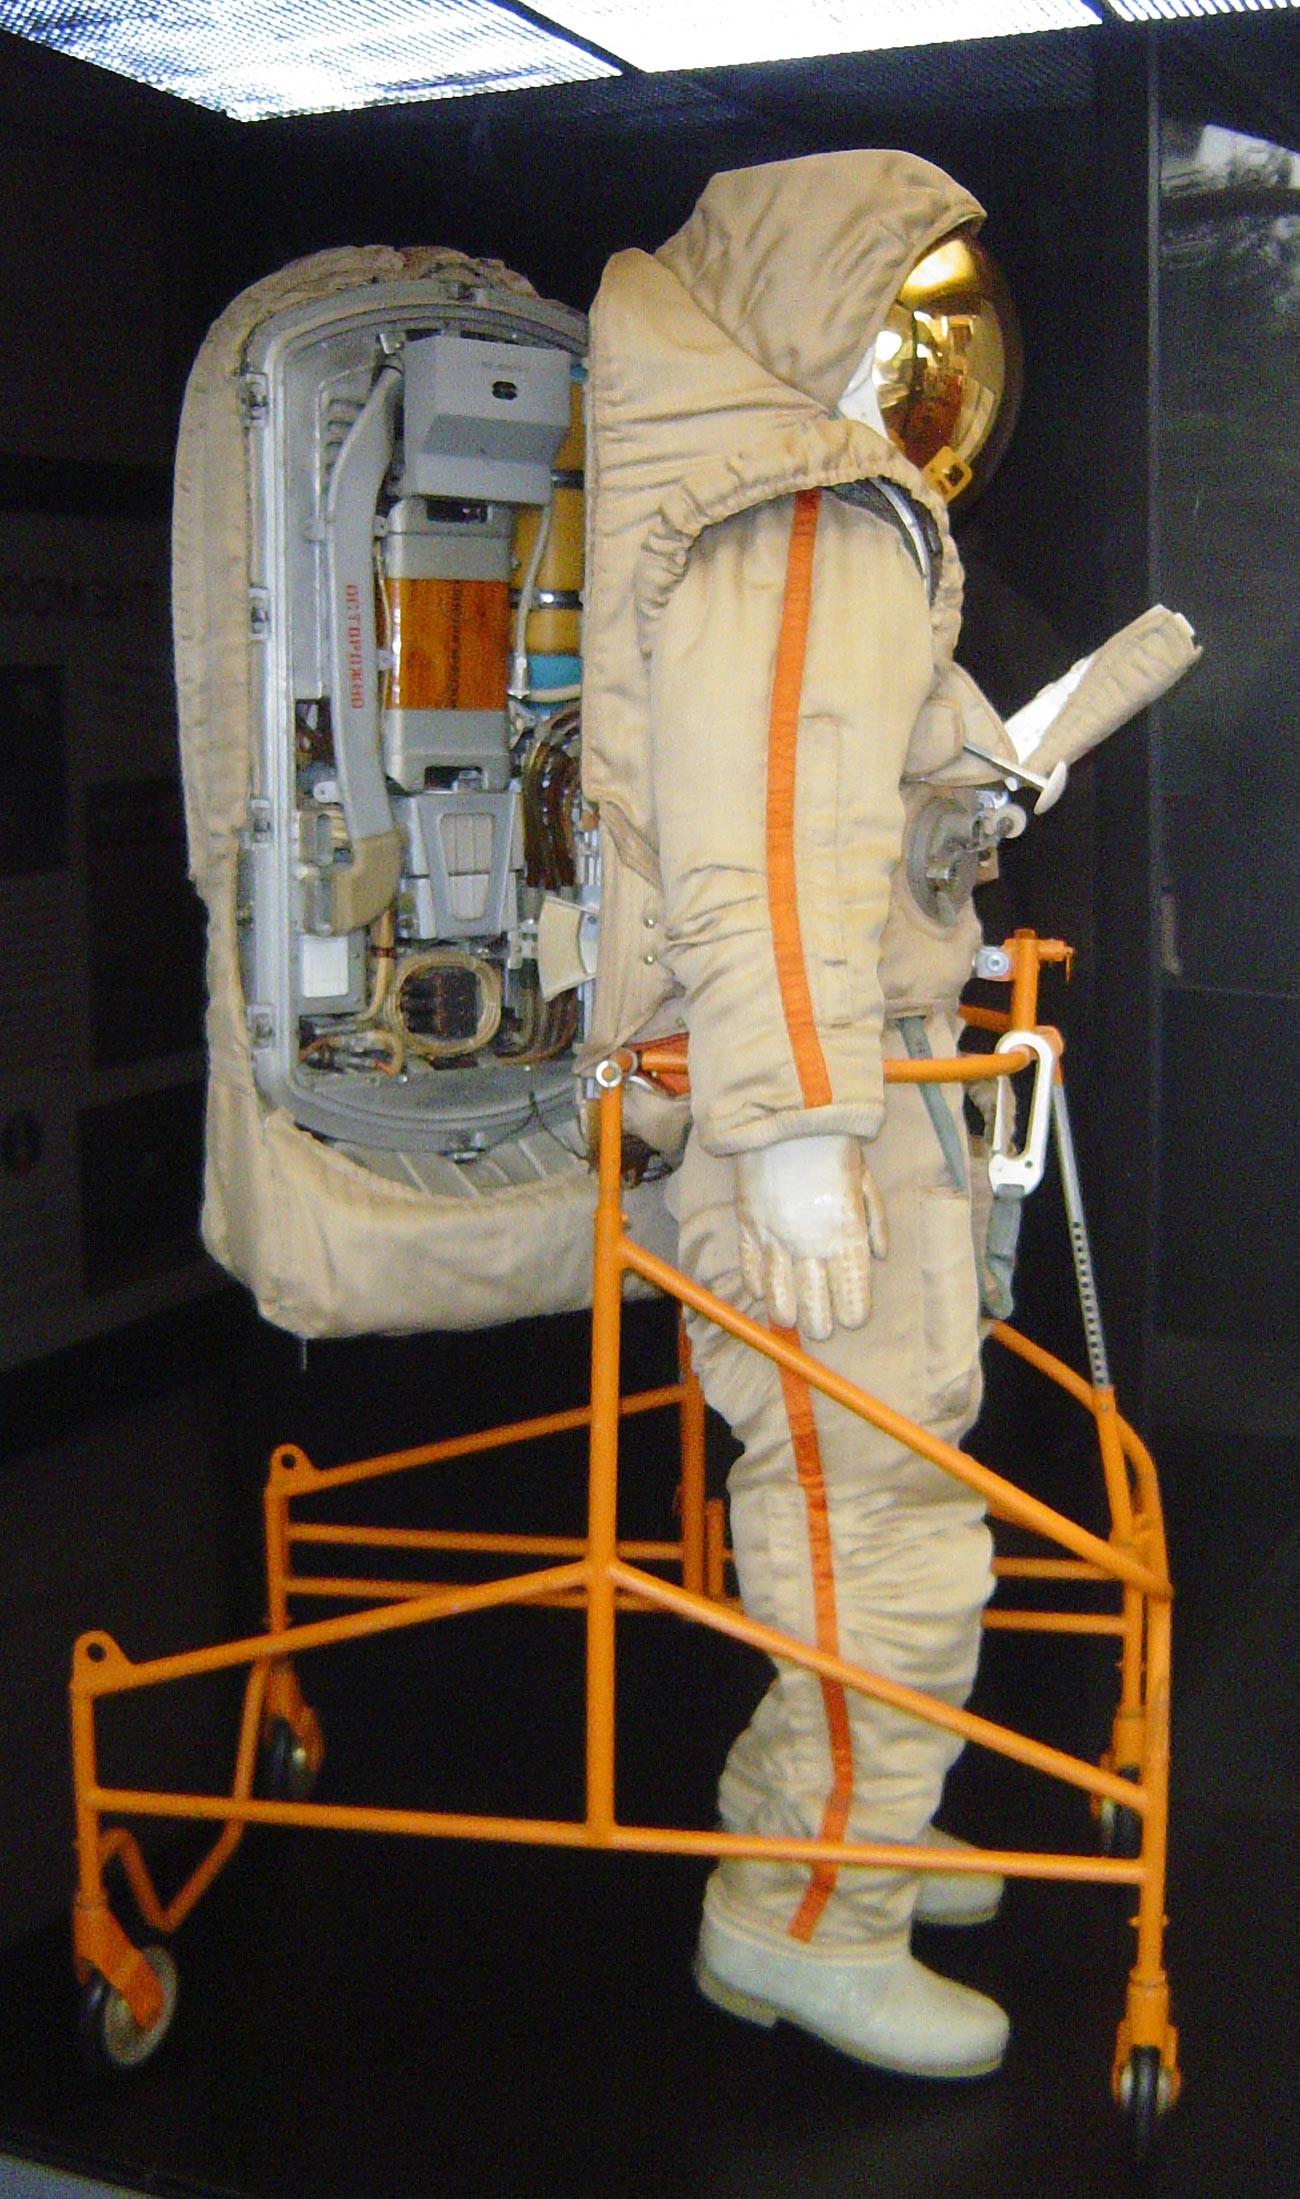 月開発のために設計された「クレチェト-94」